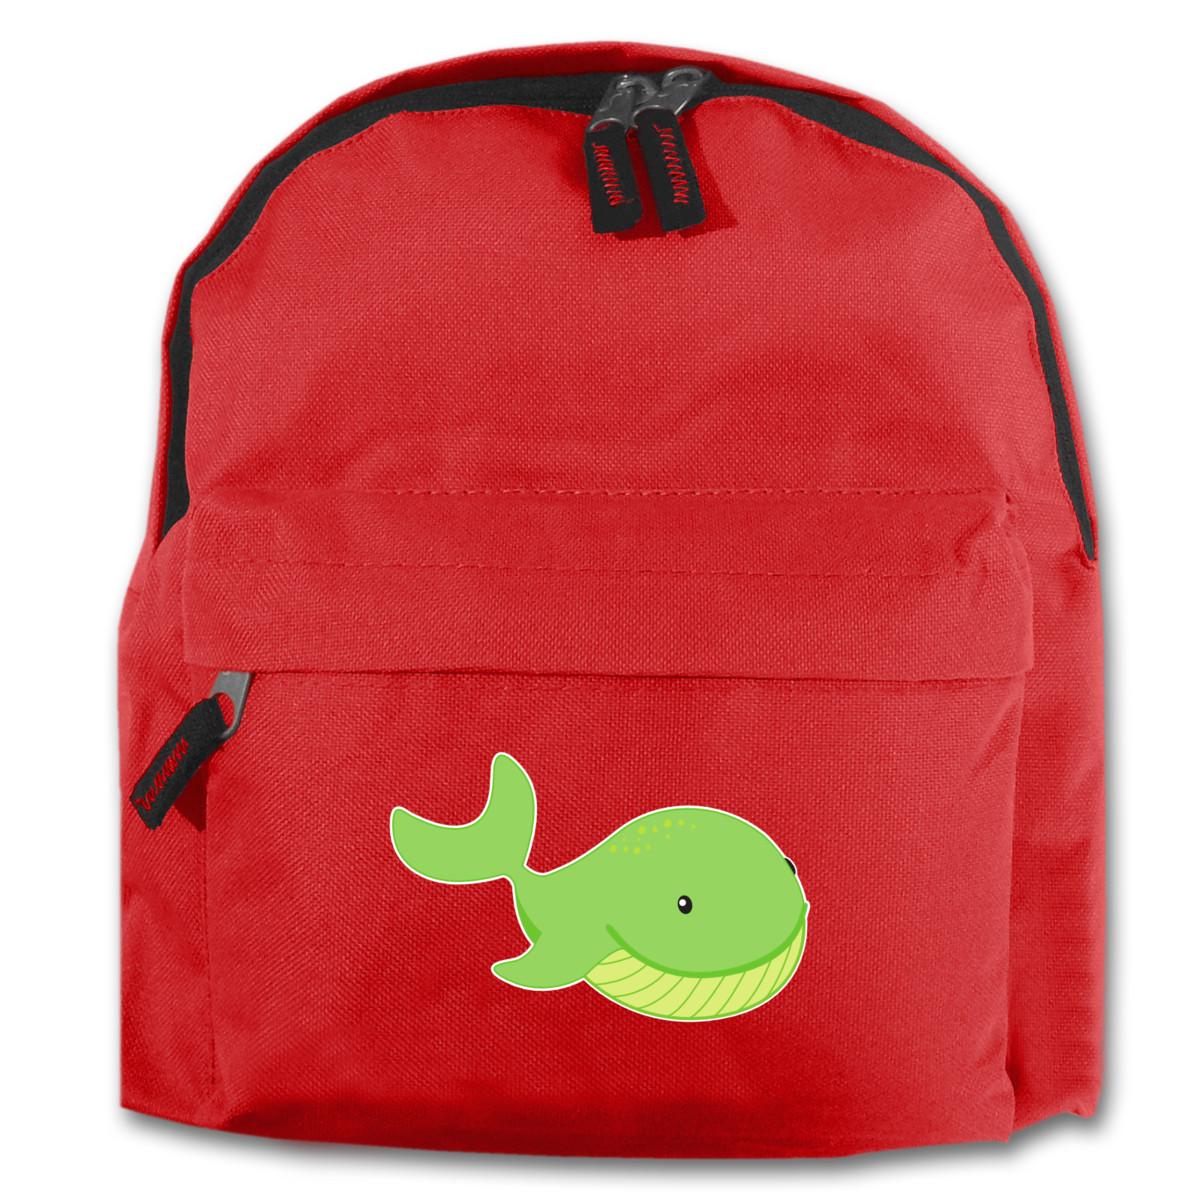 Kinder Rucksack Wal für Schule und Freizeit 7 Farben 25x30x12 cm | eBay